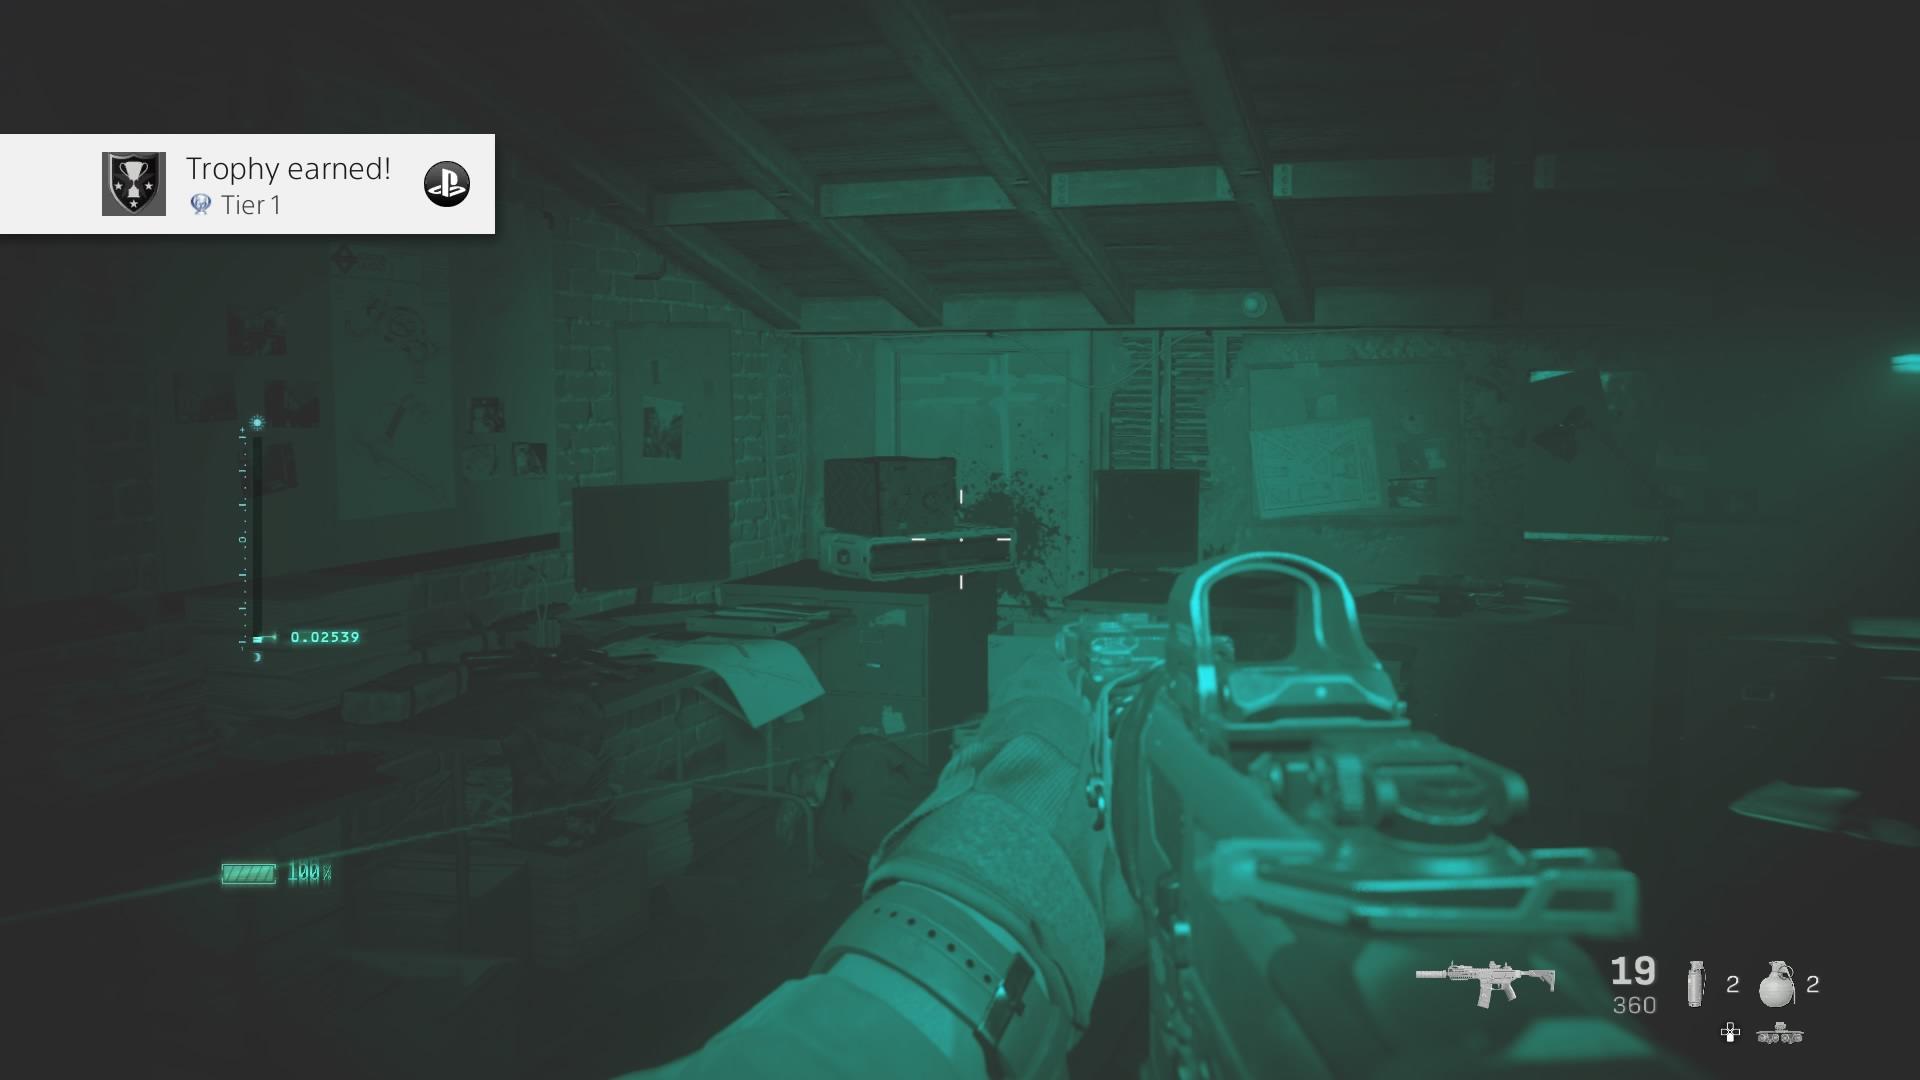 https://i.ibb.co/BqCwGB9/Call-of-Duty-Modern-Warfare-20191026211011.jpg